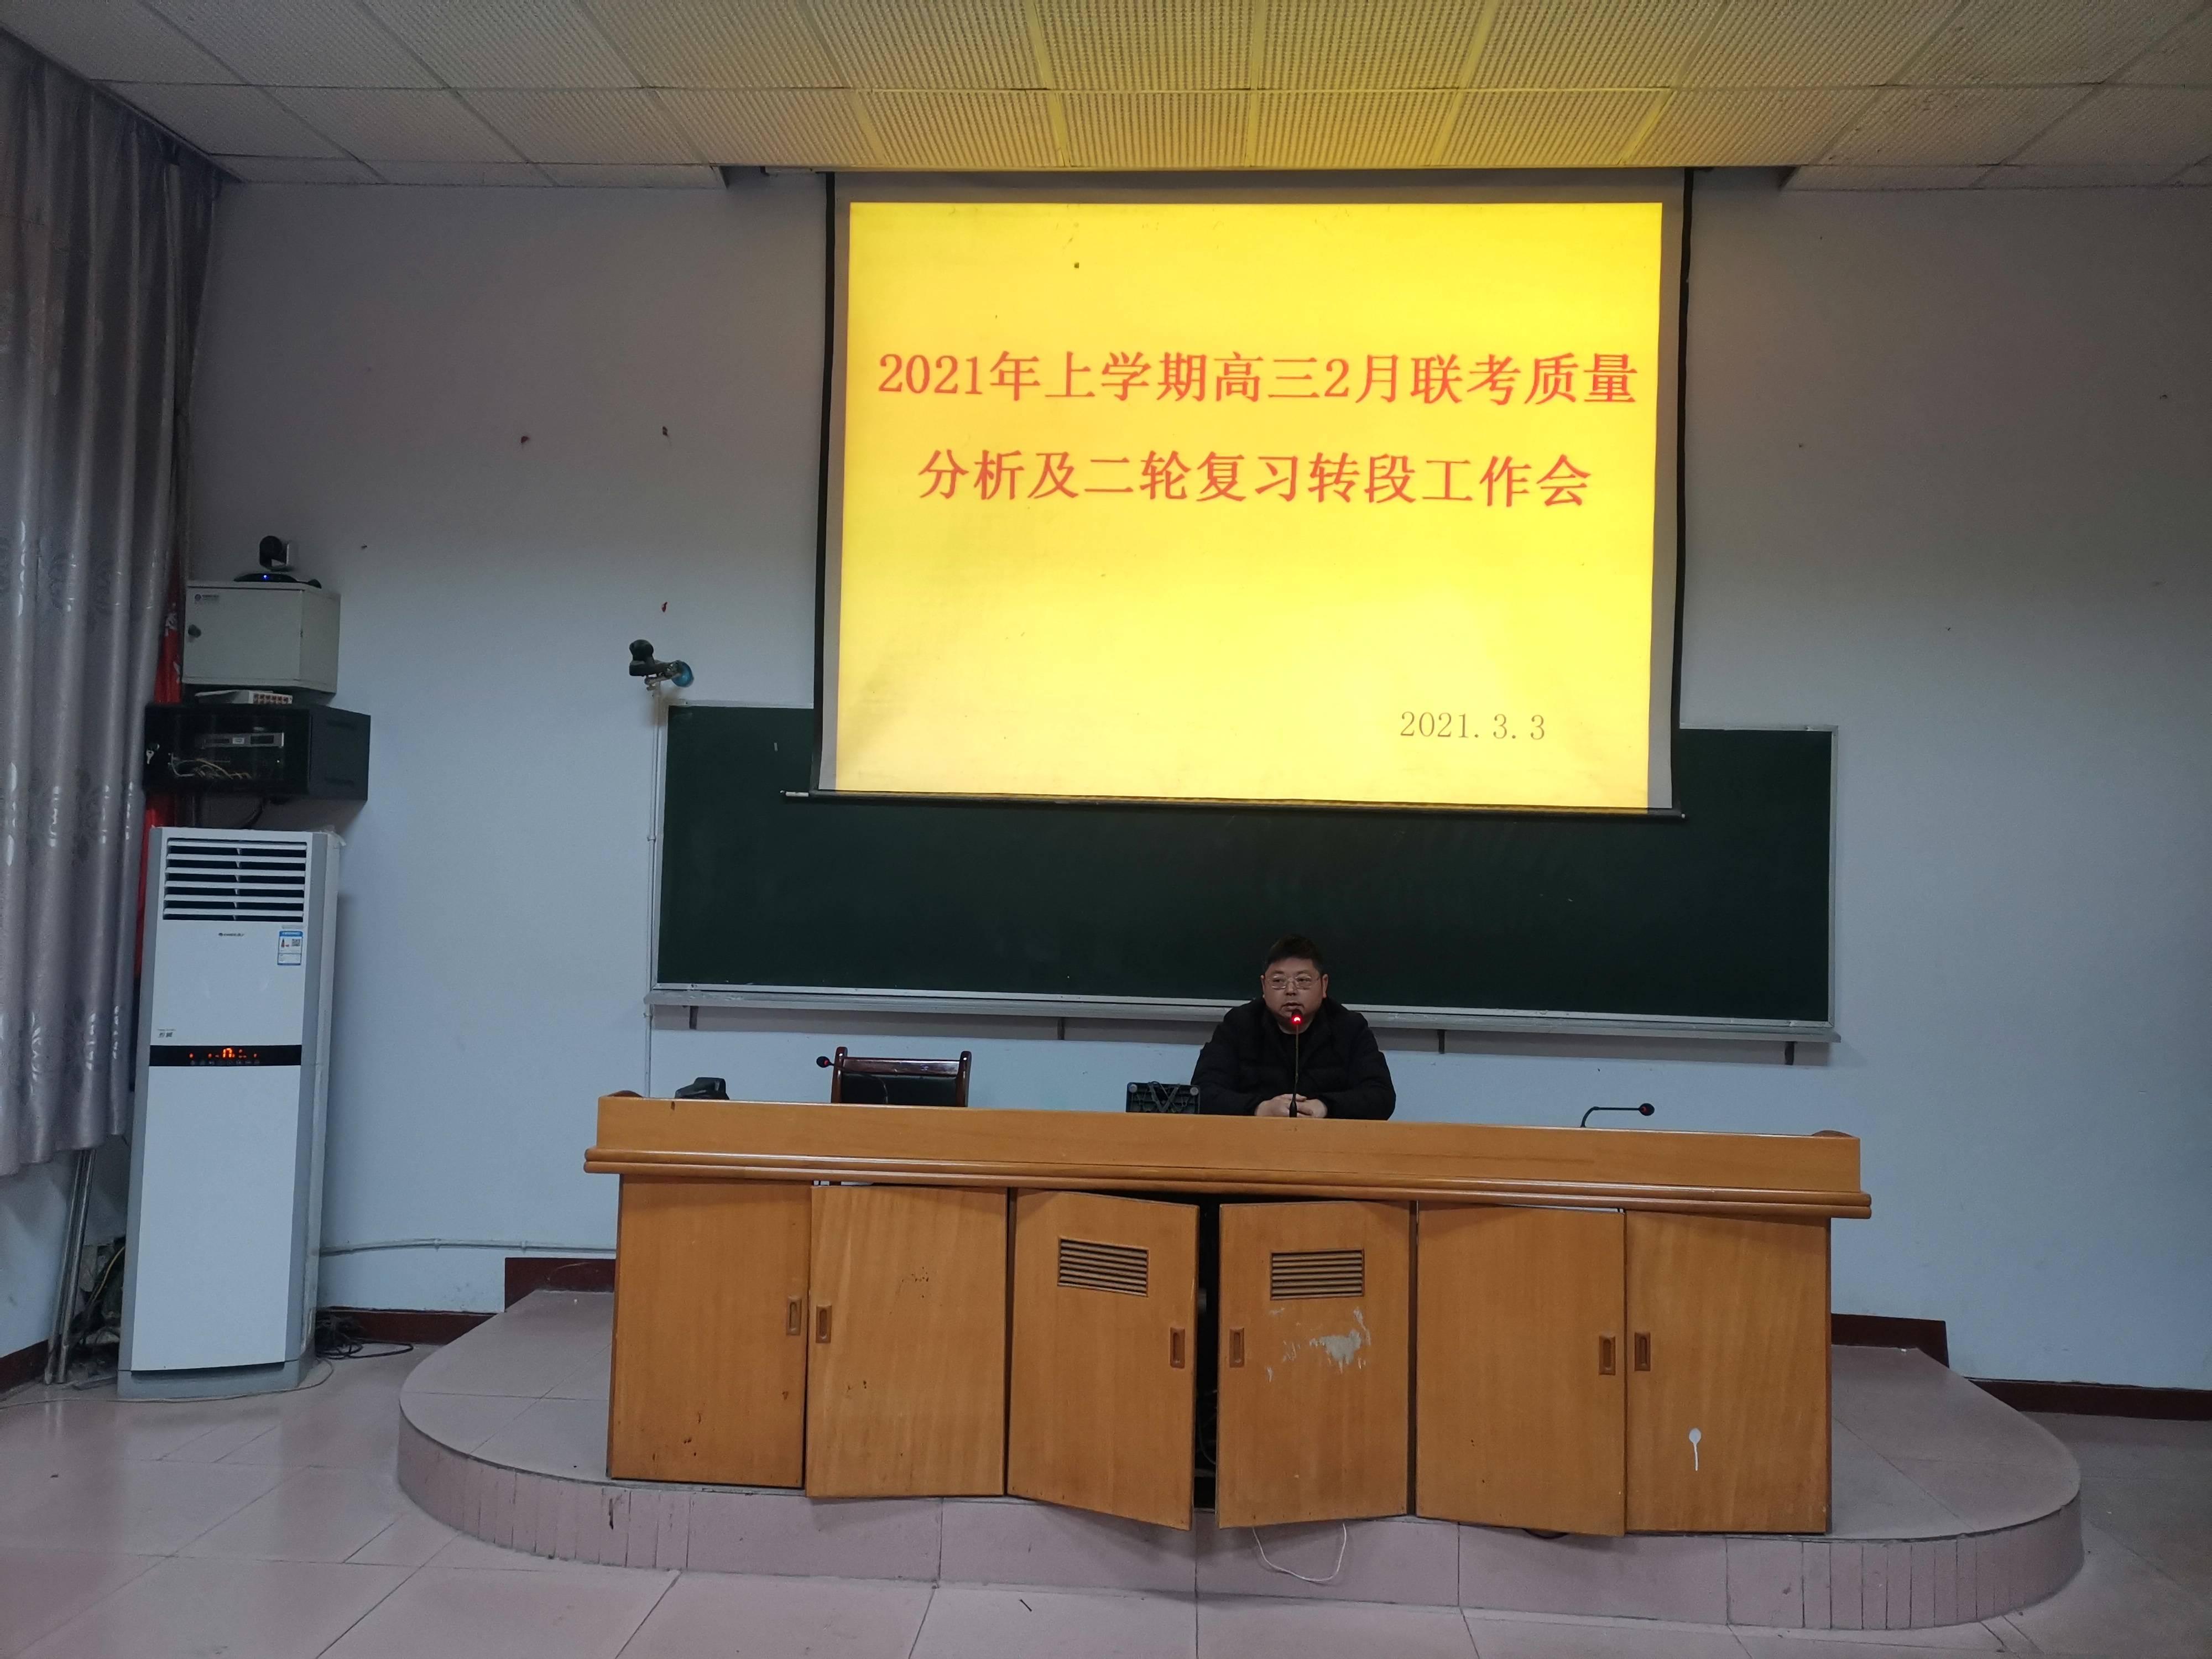 桃源九中高三年级召开二轮复习转段工作会议